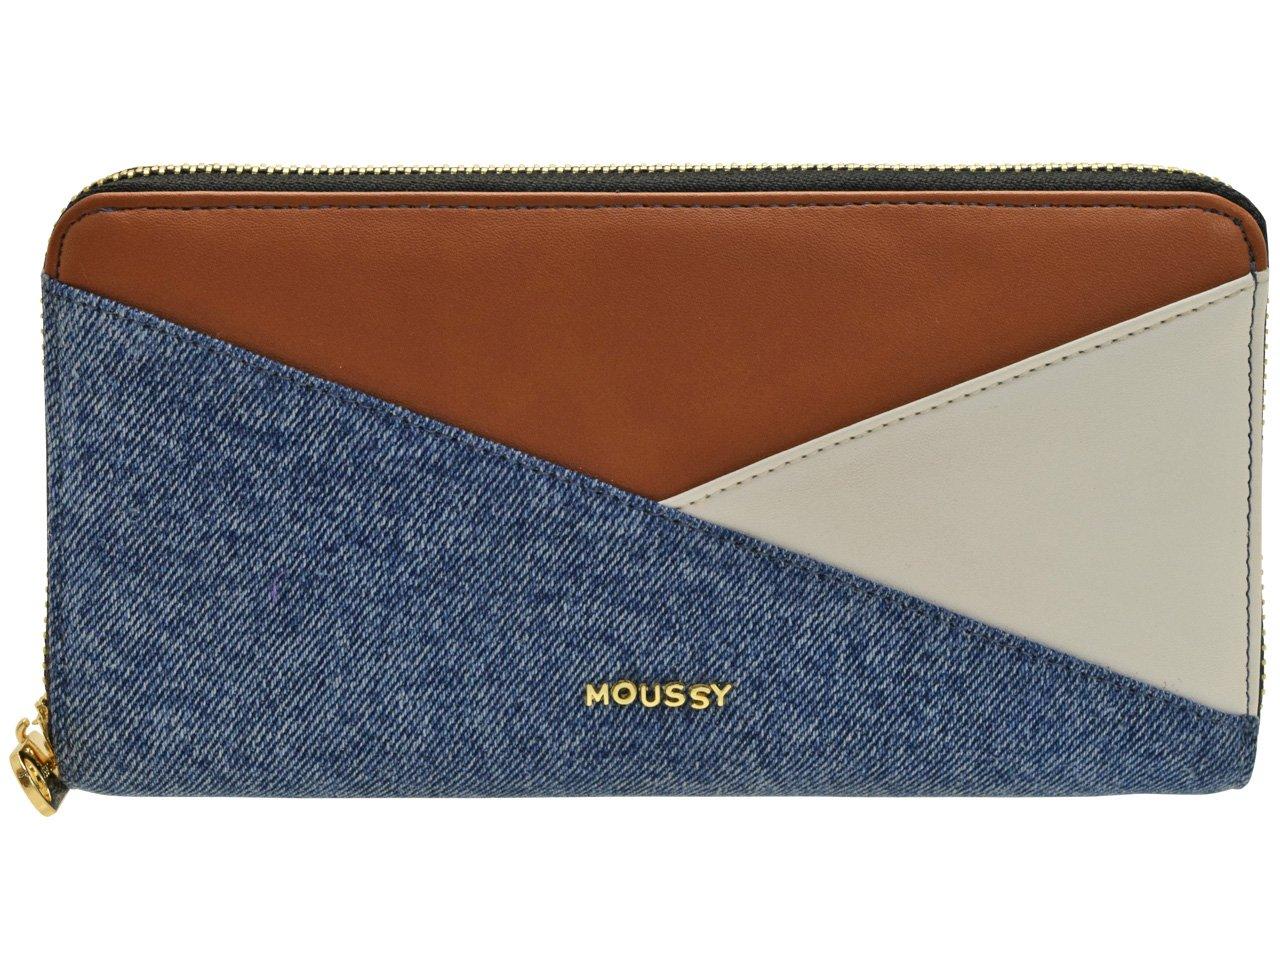 (マウジー) moussy 財布 長財布 ラウンドファスナー GISELE M2 ROUND LONG WALLET 合成皮革 m01200002 B07CK1DHPQ インディゴマルチ インディゴマルチ